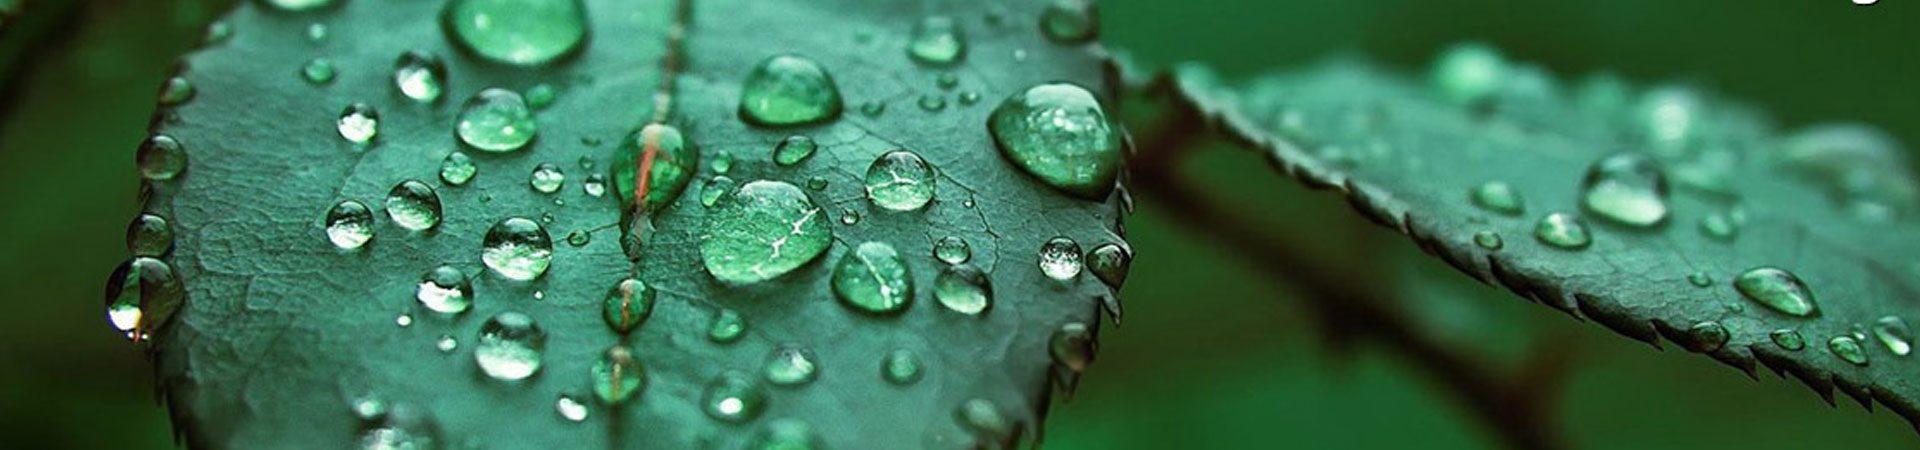 sistemi_di_filtrazione_kenfilt_green